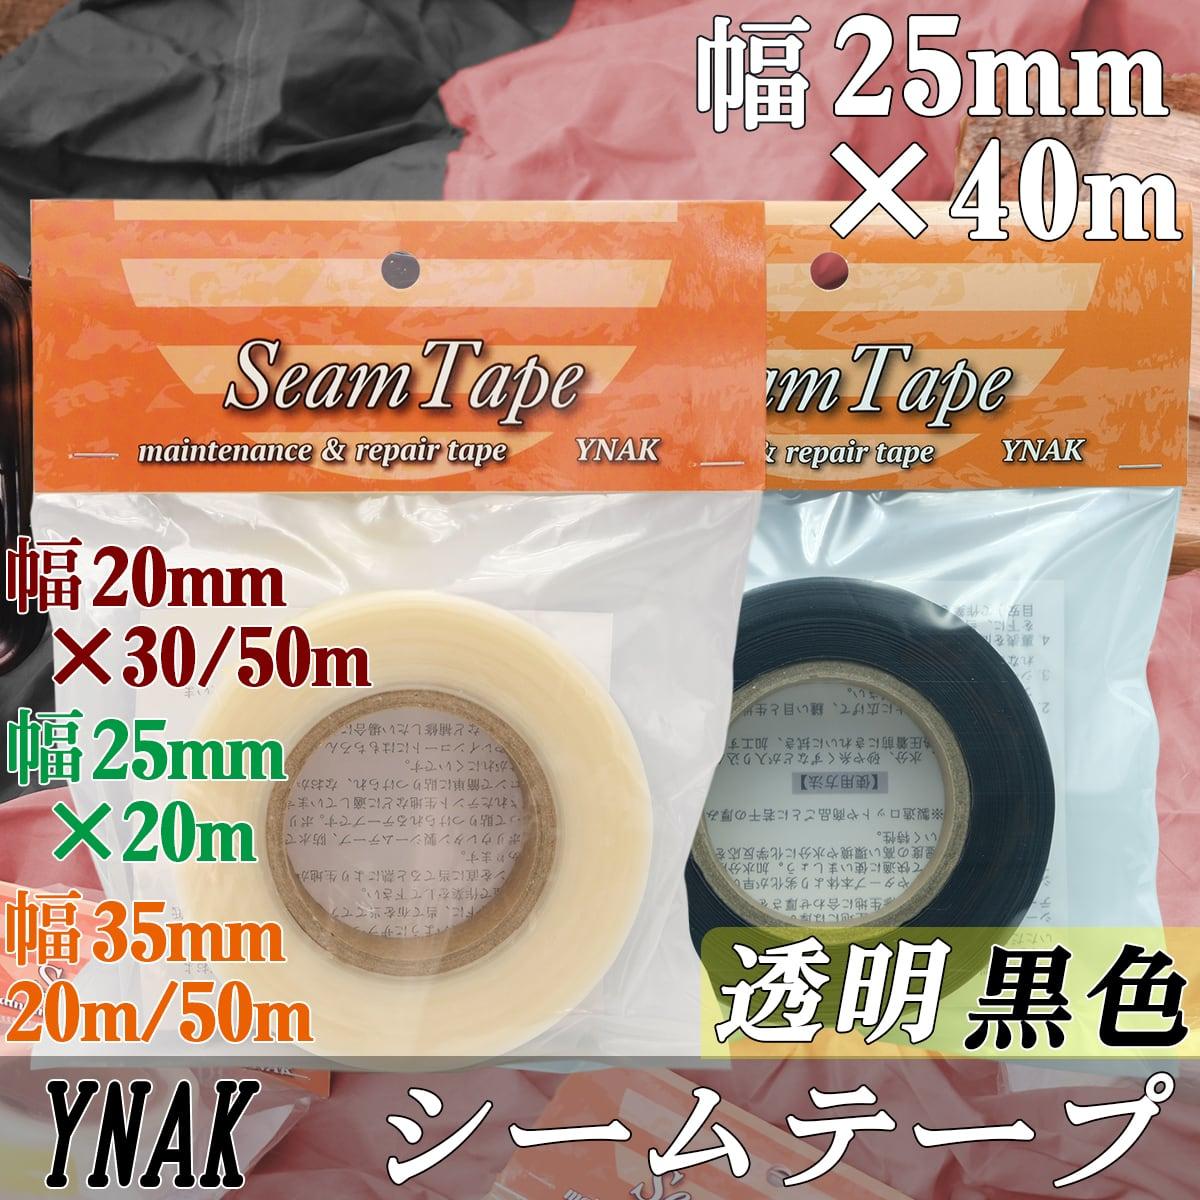 シームテープ テント ザック タープ シート レインウェア 補修 メンテナンス 用 強力 アイロン式 説明書付き 幅25mm×40m YNAK